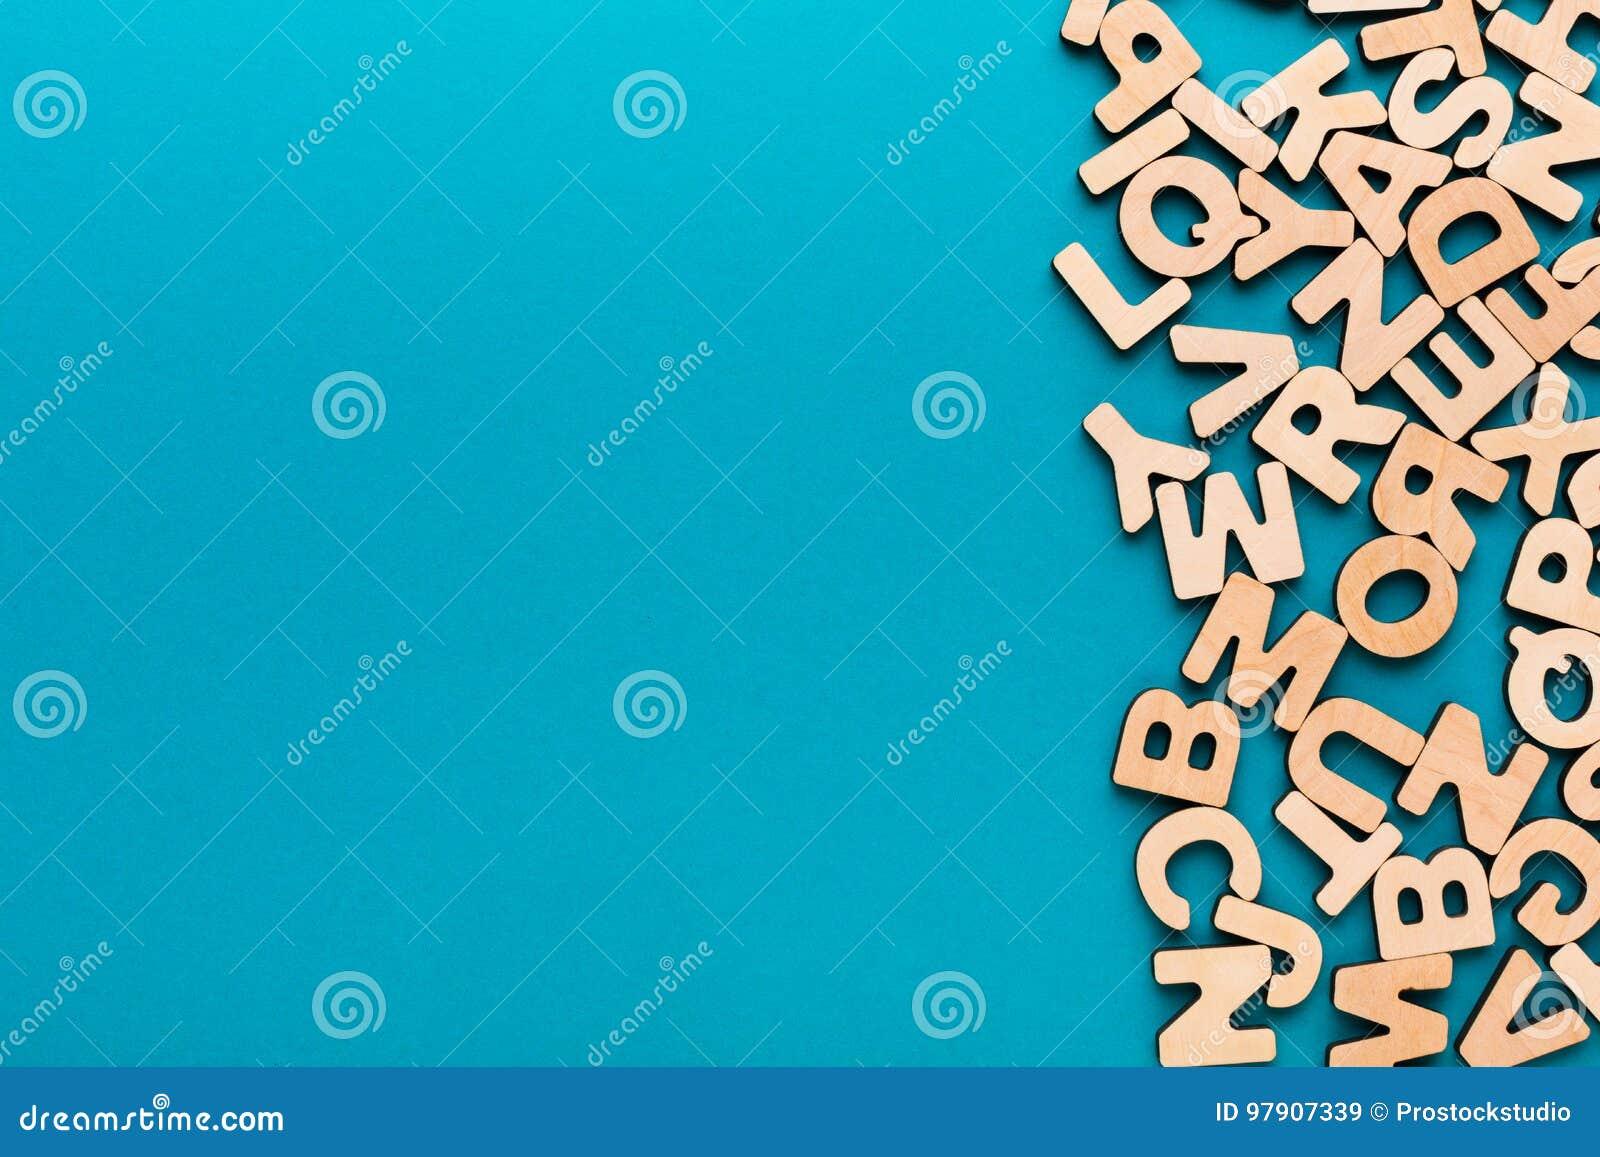 el ingl s de madera pone letras al fondo imagen de archivo